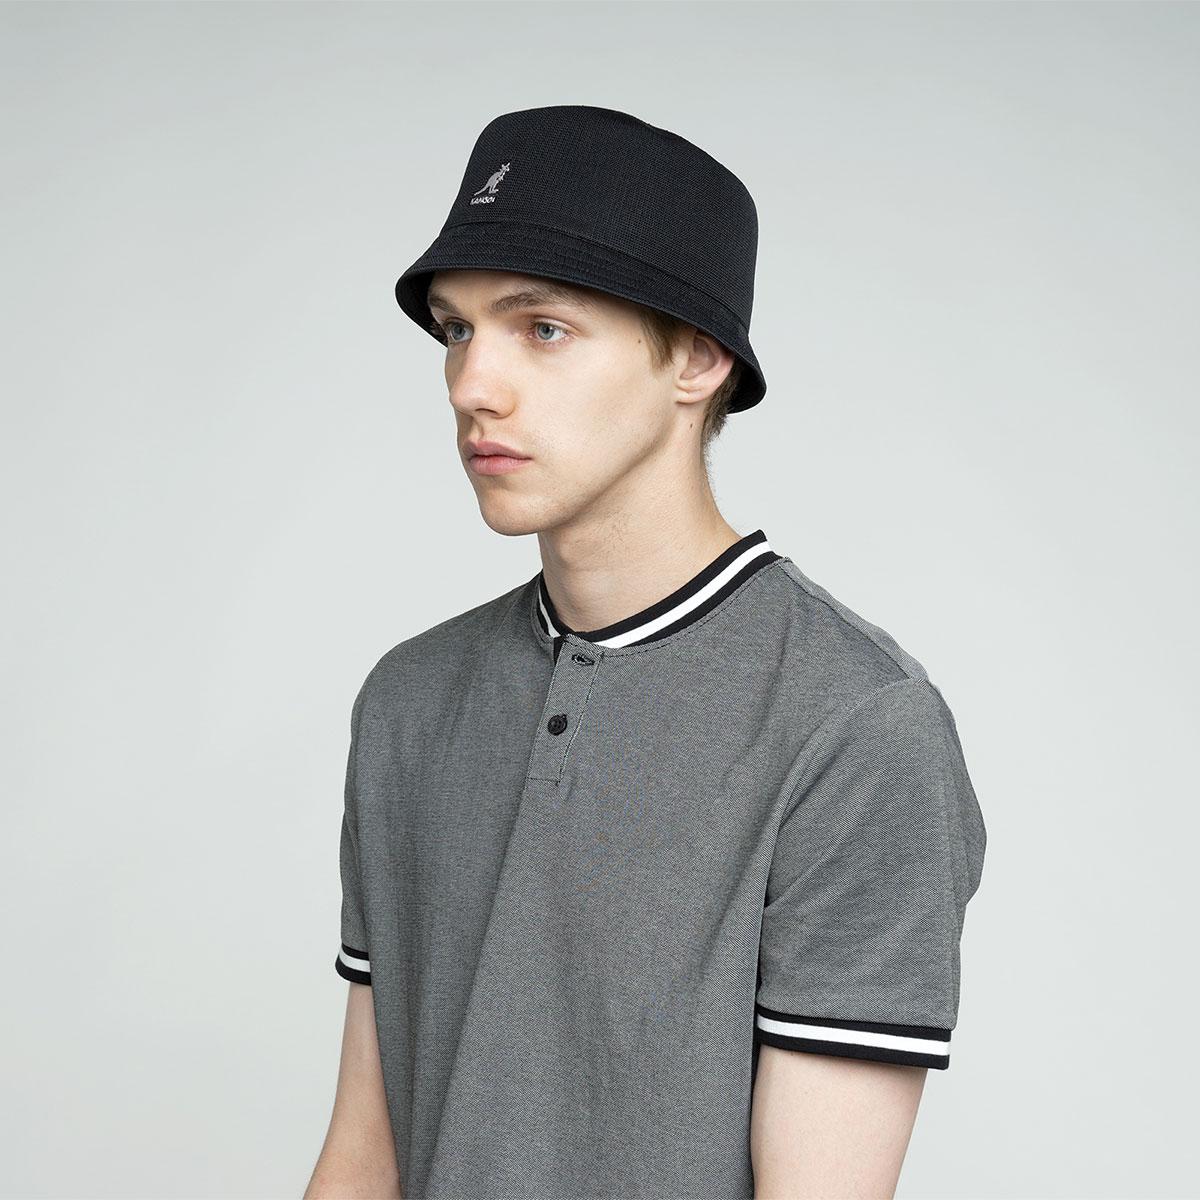 Azalea  KANGOL  Tropic Bin Bucket Hat Style K3299HT